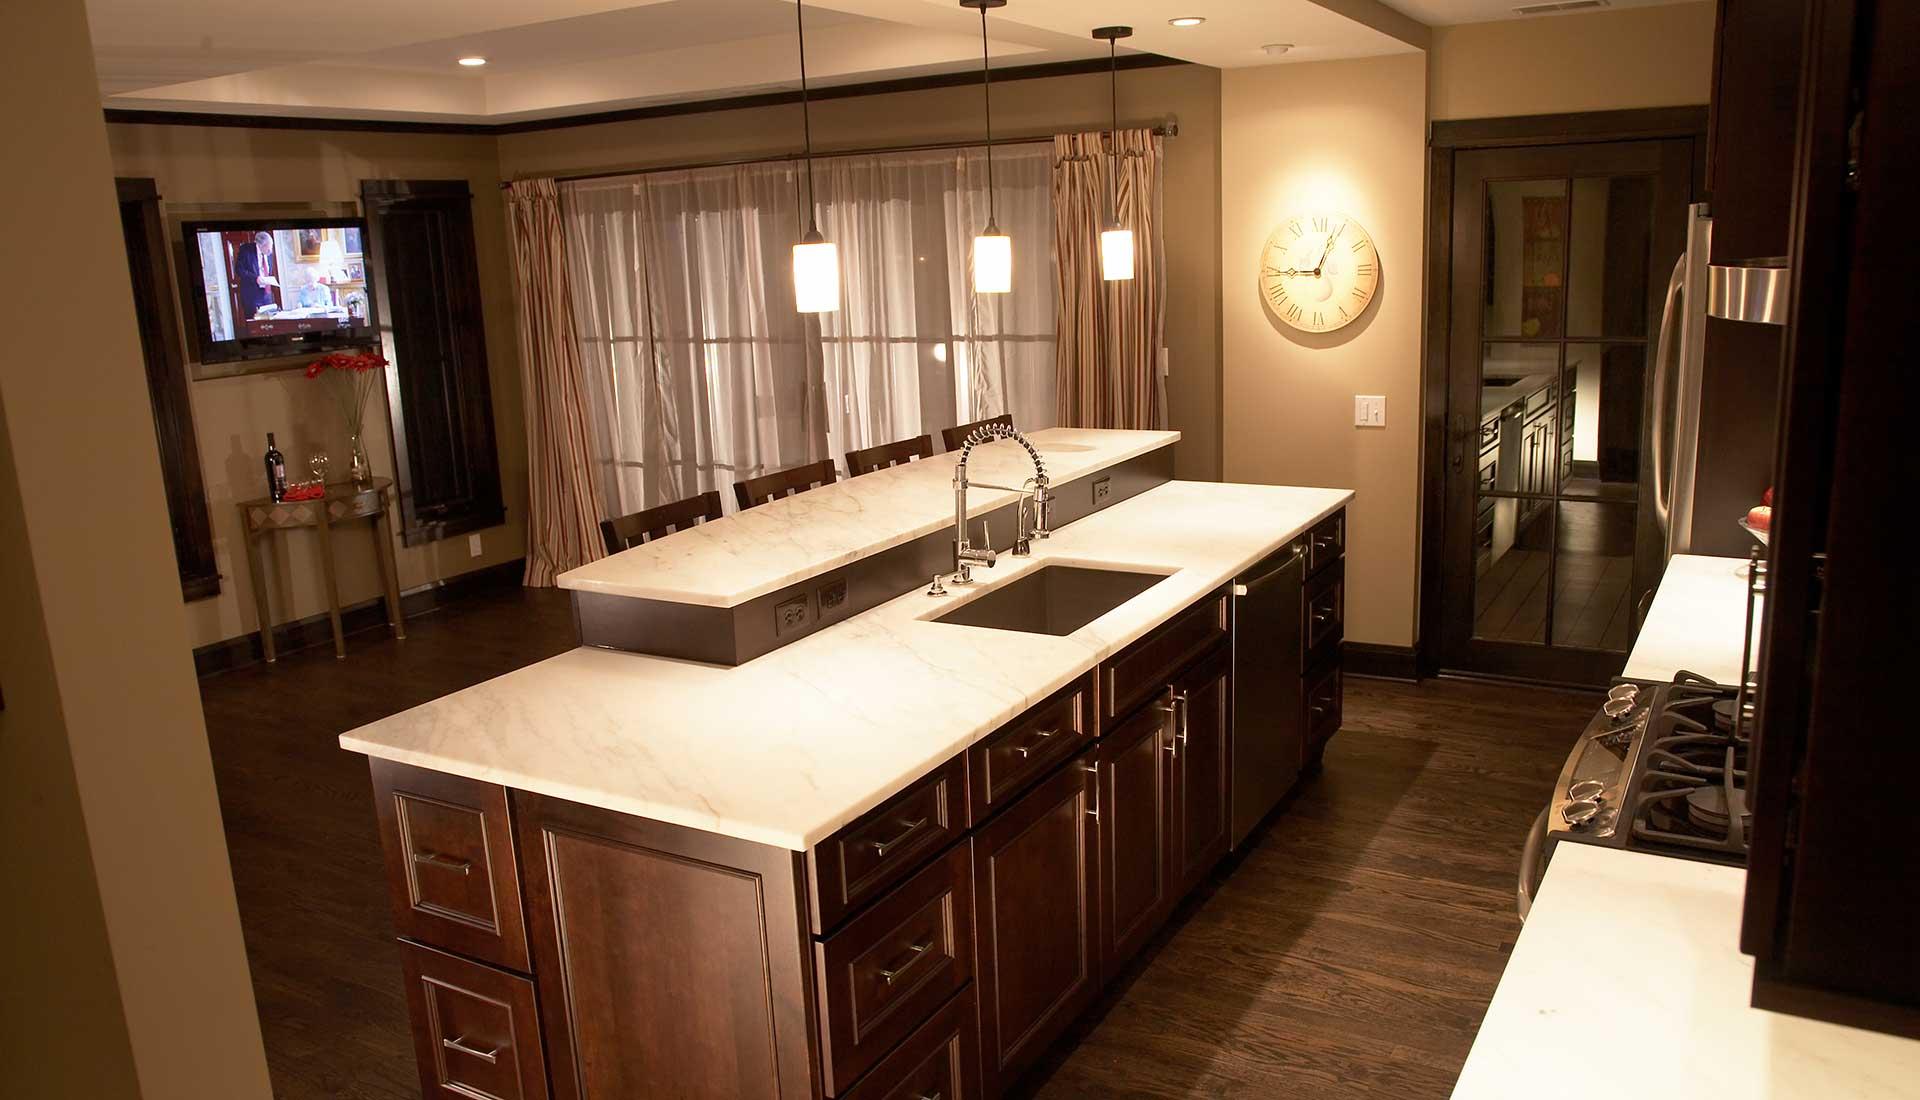 kitchen remodeling birmingham mi door knobs and pulls bungalow to tudor geta llc